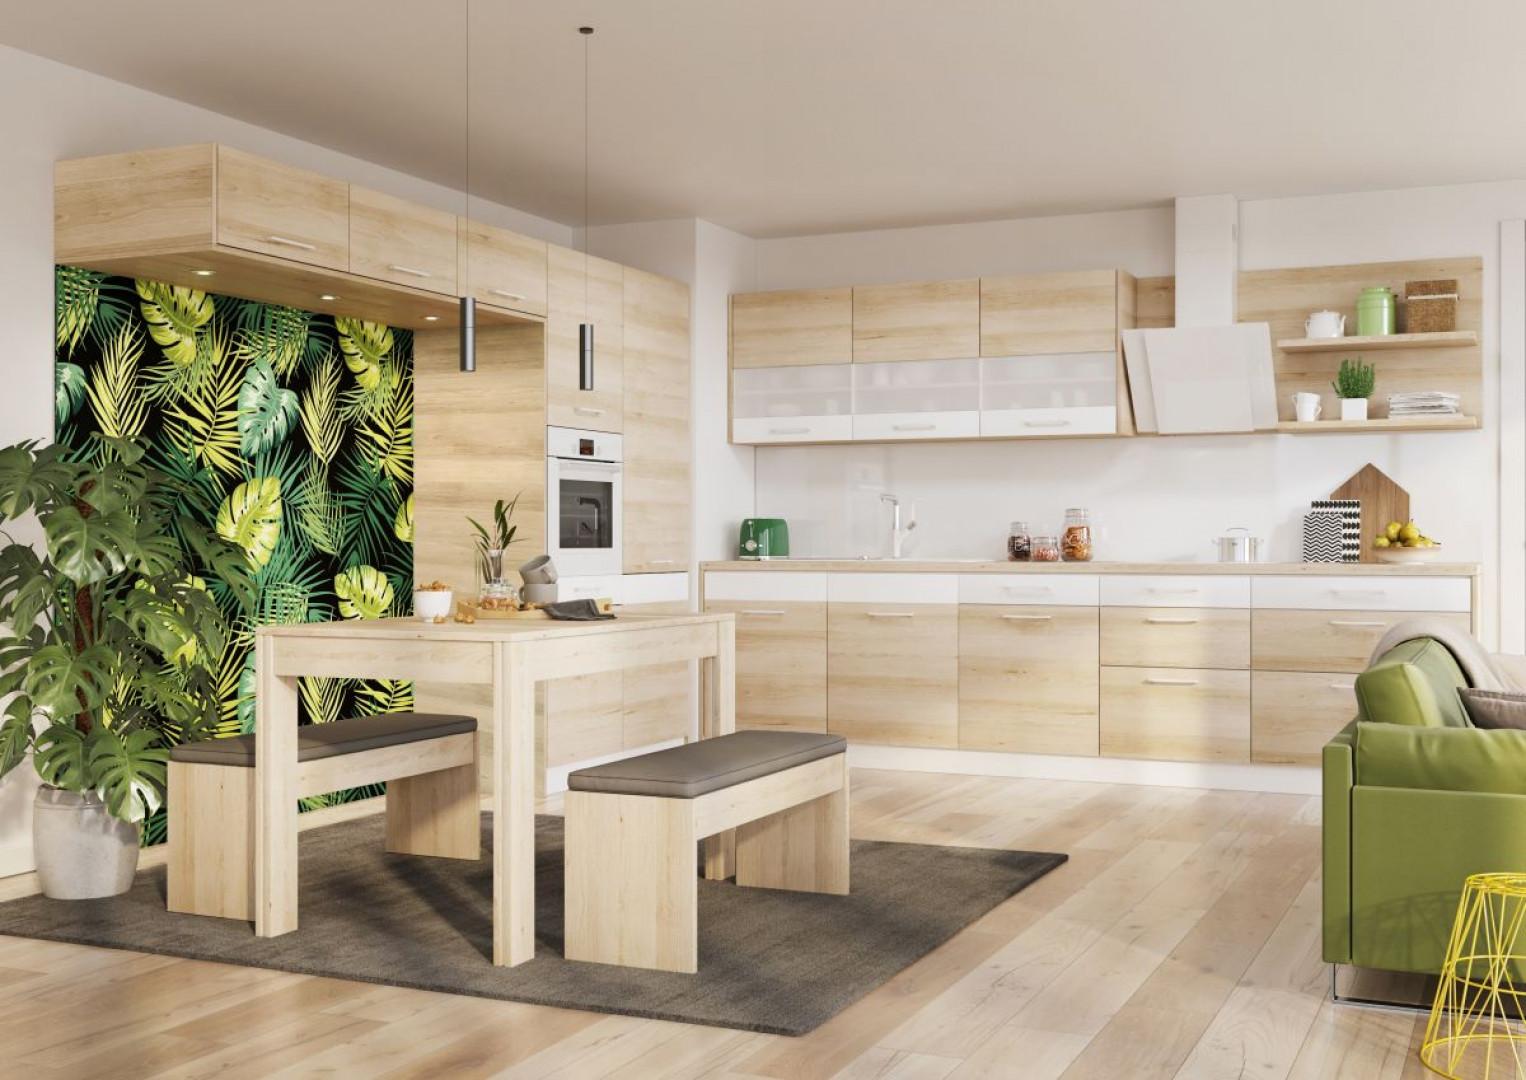 Stół i krzesła doskonale spełnią rolę łącznika stref przygotowywania posiłków i wypoczynku. Fot. Kam